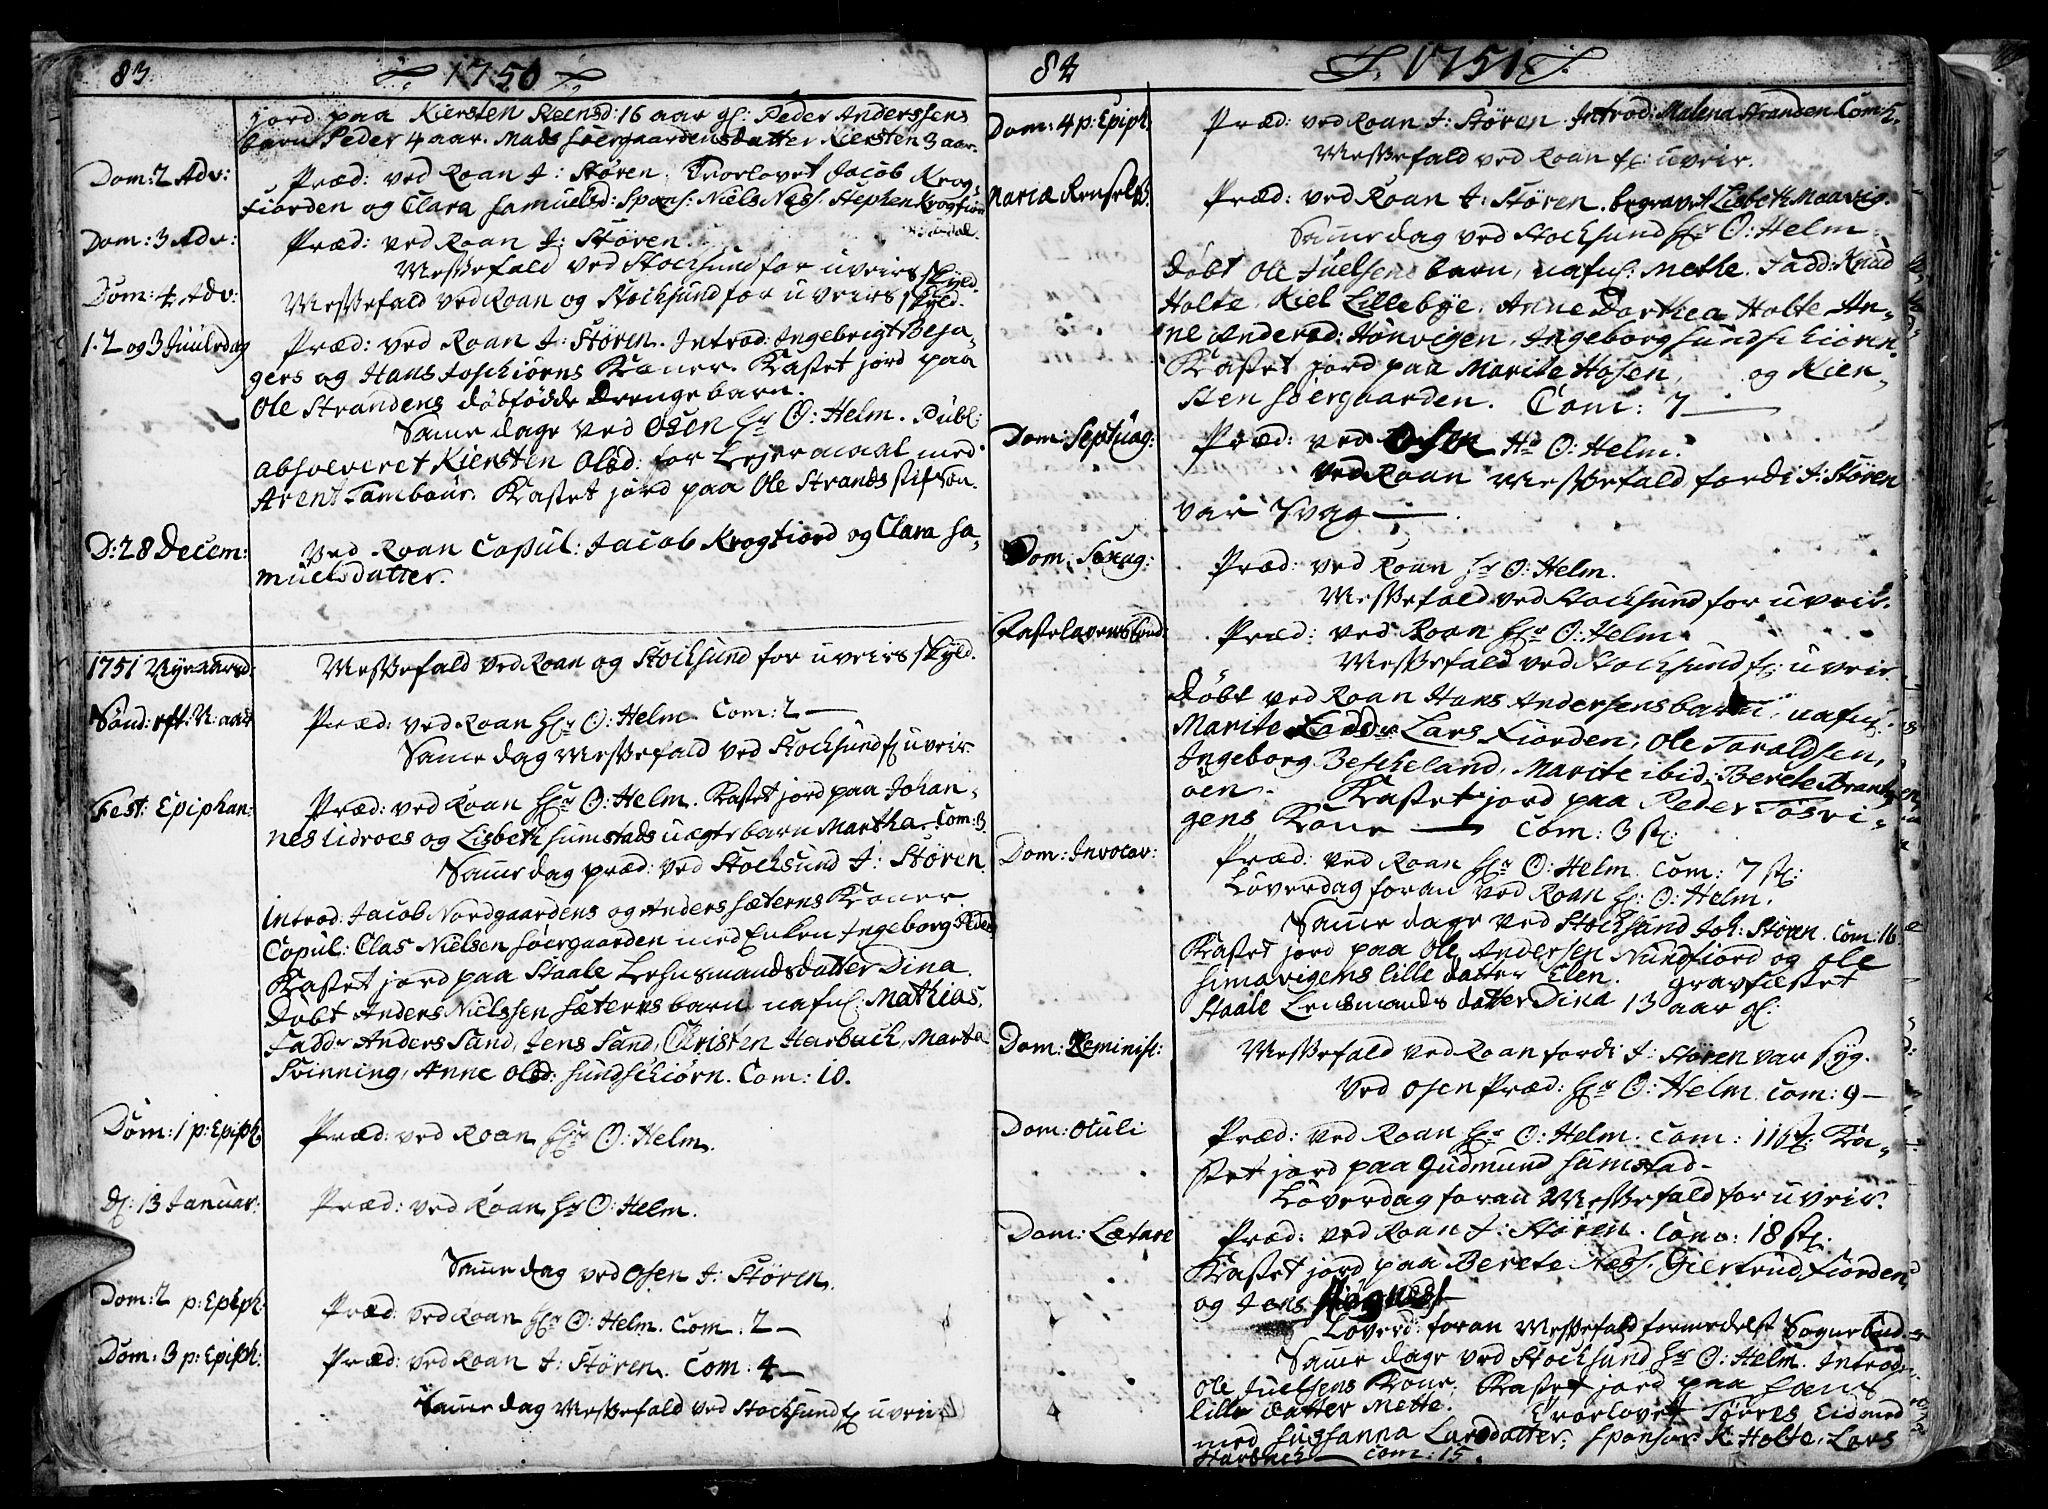 SAT, Ministerialprotokoller, klokkerbøker og fødselsregistre - Sør-Trøndelag, 657/L0700: Ministerialbok nr. 657A01, 1732-1801, s. 82-83